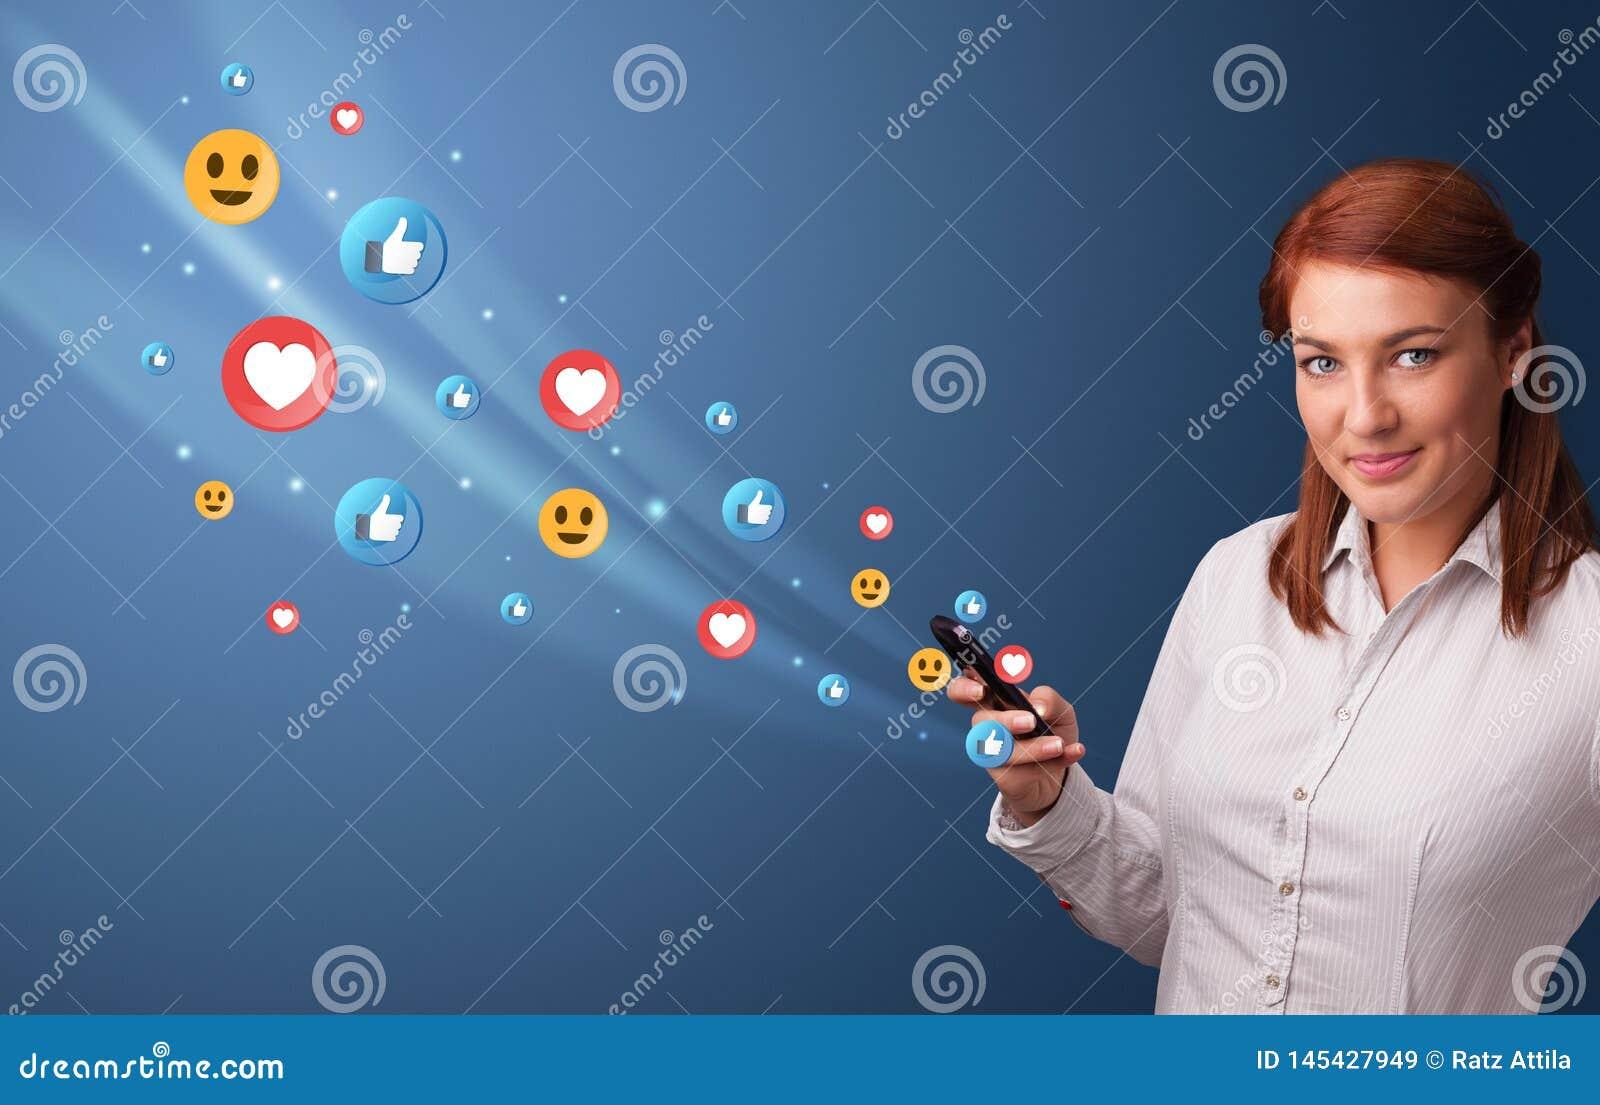 Jongere die telefoon met sociaal media concept met behulp van